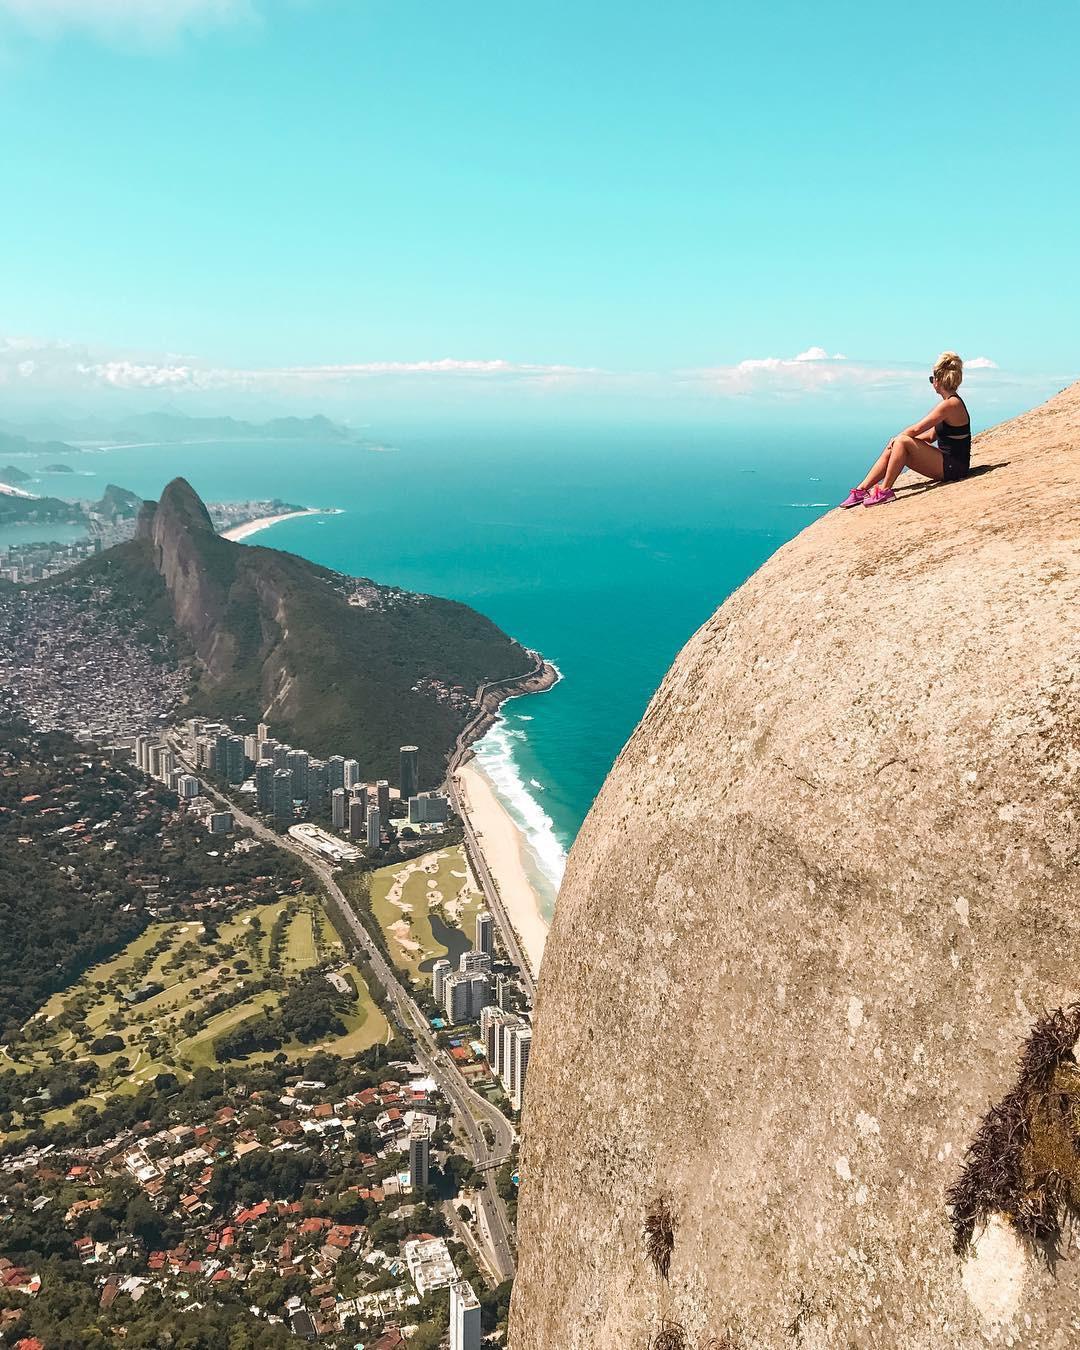 12 địa điểm du lịch nguy hiểm bậc nhất hành tinh không dành cho những du khách có con tim yếu đuối - Ảnh 4.